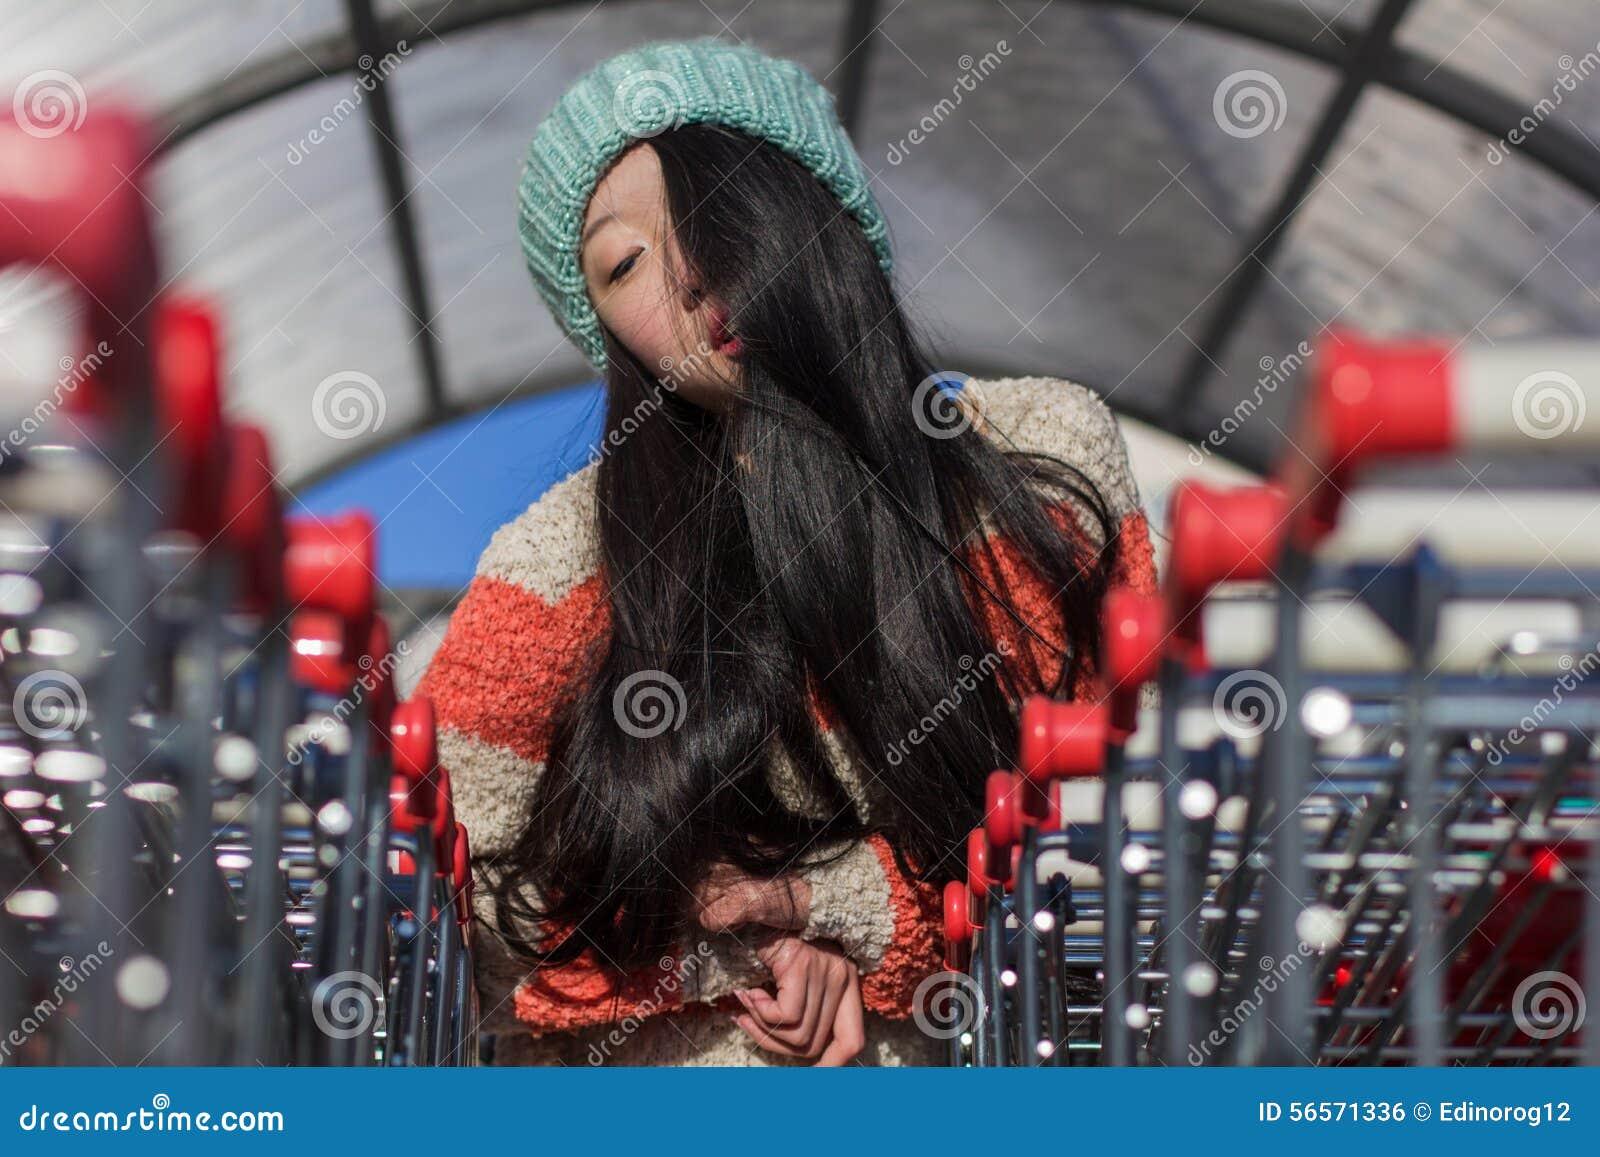 Download Πορτρέτο των μοντέρνων ασιατικών κοριτσιών κοντά στο μικρό κάρρο Στοκ Εικόνες - εικόνα από γραμμές, κυρία: 56571336